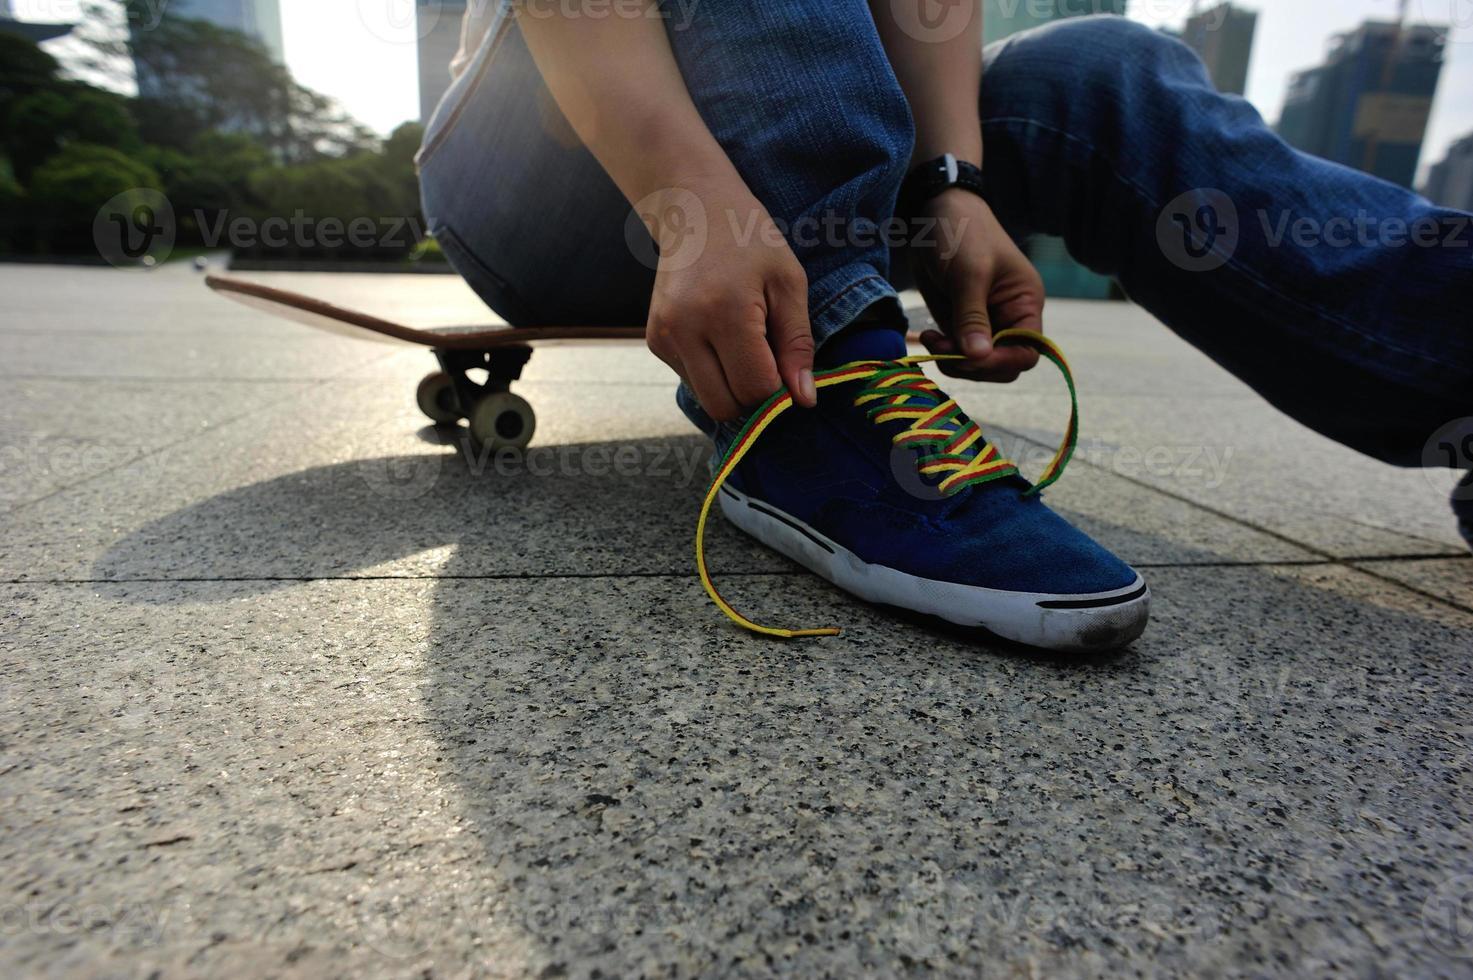 skater atar cordones de los zapatos en el skate park foto